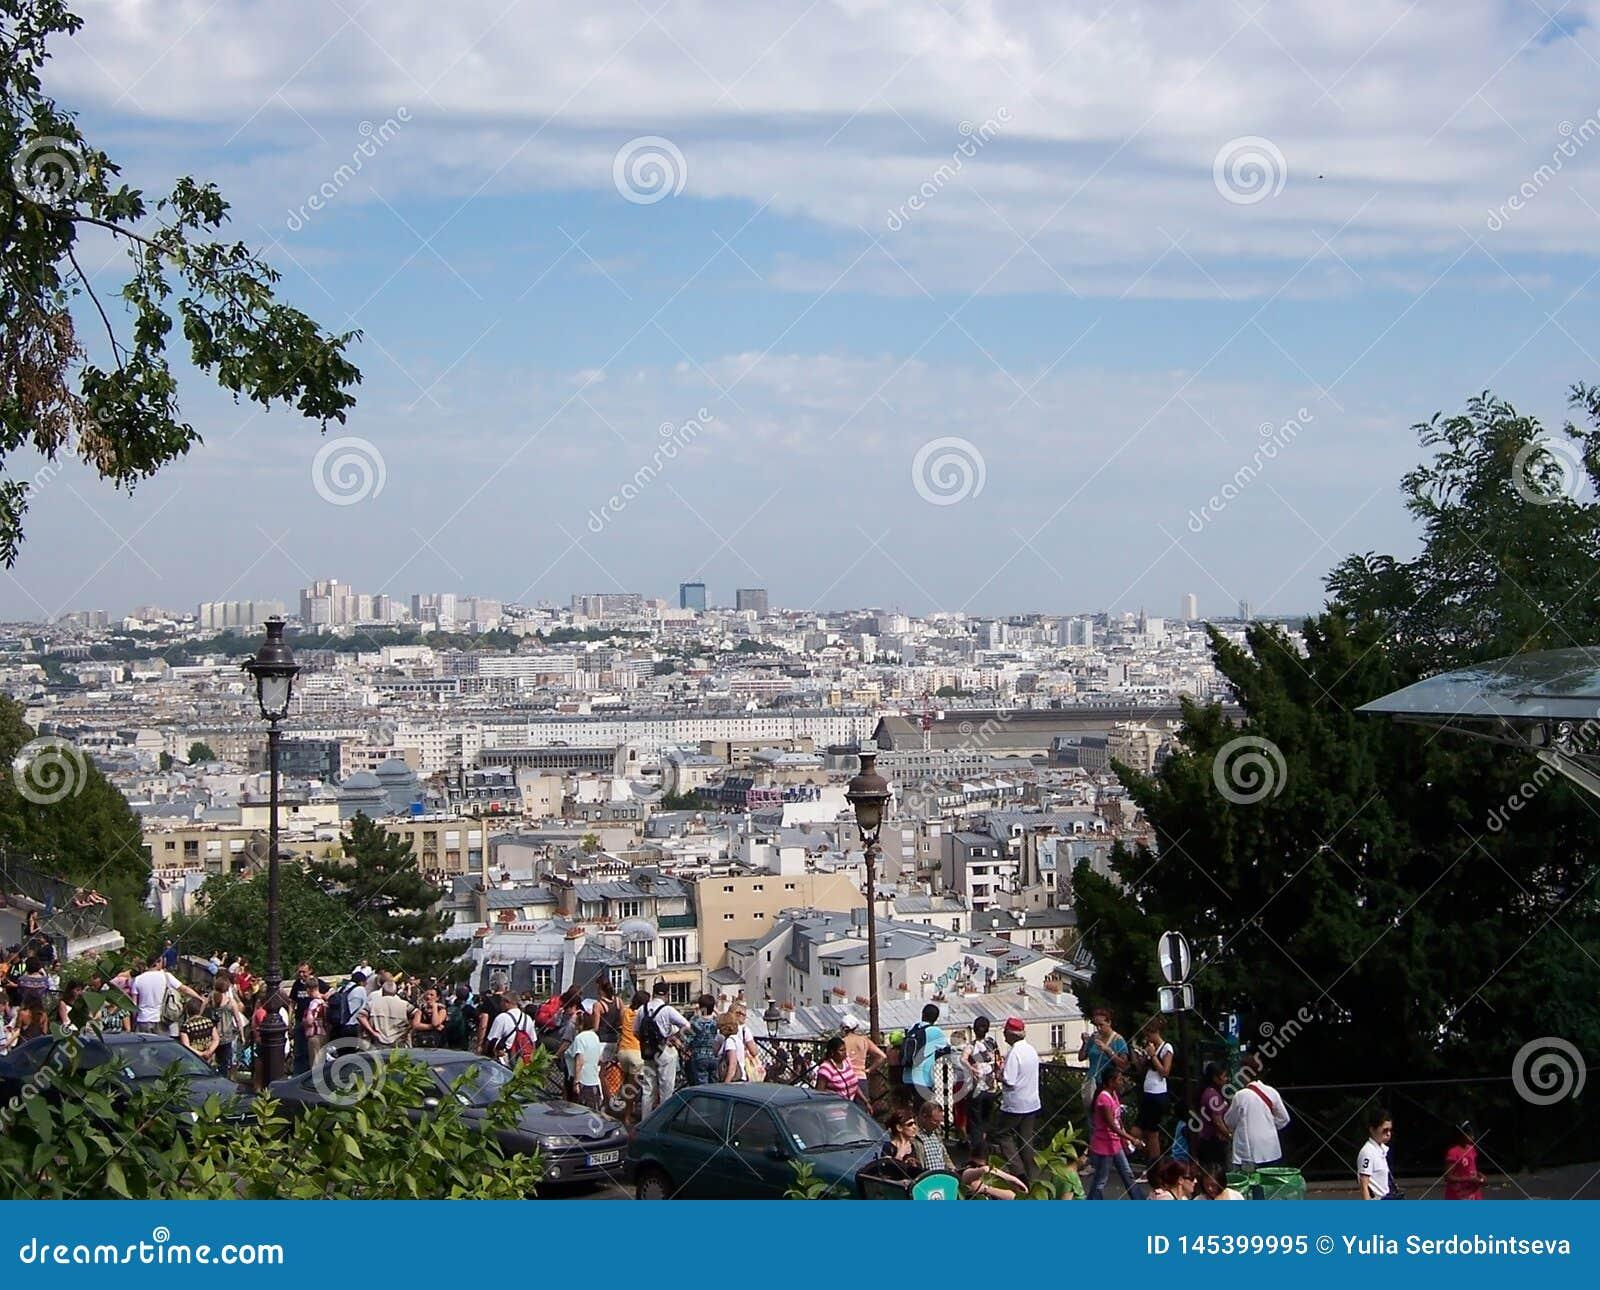 Widok Pary? od sacr Coeur halny i wiele tury?ci na obserwacja pok?adzie Sierpie? 05, 2009, Pary?, Francja, Europa